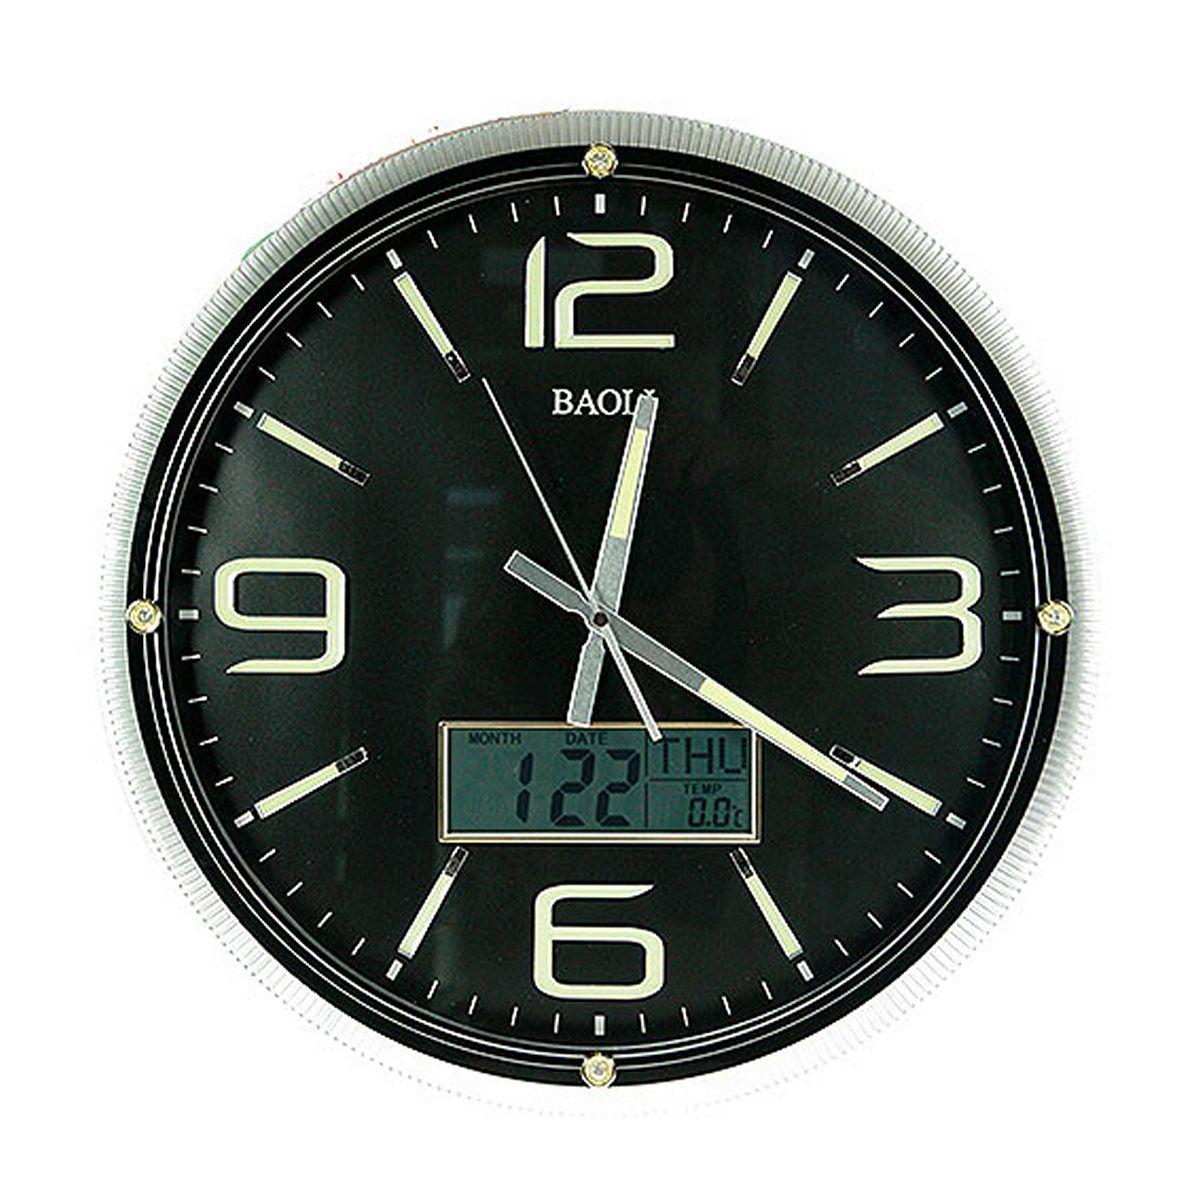 Часы настенные Русские Подарки, с календарем, термометром, электронными часами, диаметр 42 см. 148120148120Настенные кварцевые часы Русские Подарки изготовлены из пластика. Циферблат защищен стеклом. Часы имеют три стрелки - часовую, минутную и секундную. Благодаря специальному встроенному механизму, вы можете пользоваться функцией календаря, термометра и электронных часов. С обратной стороны имеетсяпетелька для подвешивания на стену. Изящные часы красиво и оригинально оформят интерьер дома или офиса. Также часы могут стать уникальным, полезным подарком для родственников, коллег, знакомых и близких.Часы работают от батареек типа АА (в комплект не входят).